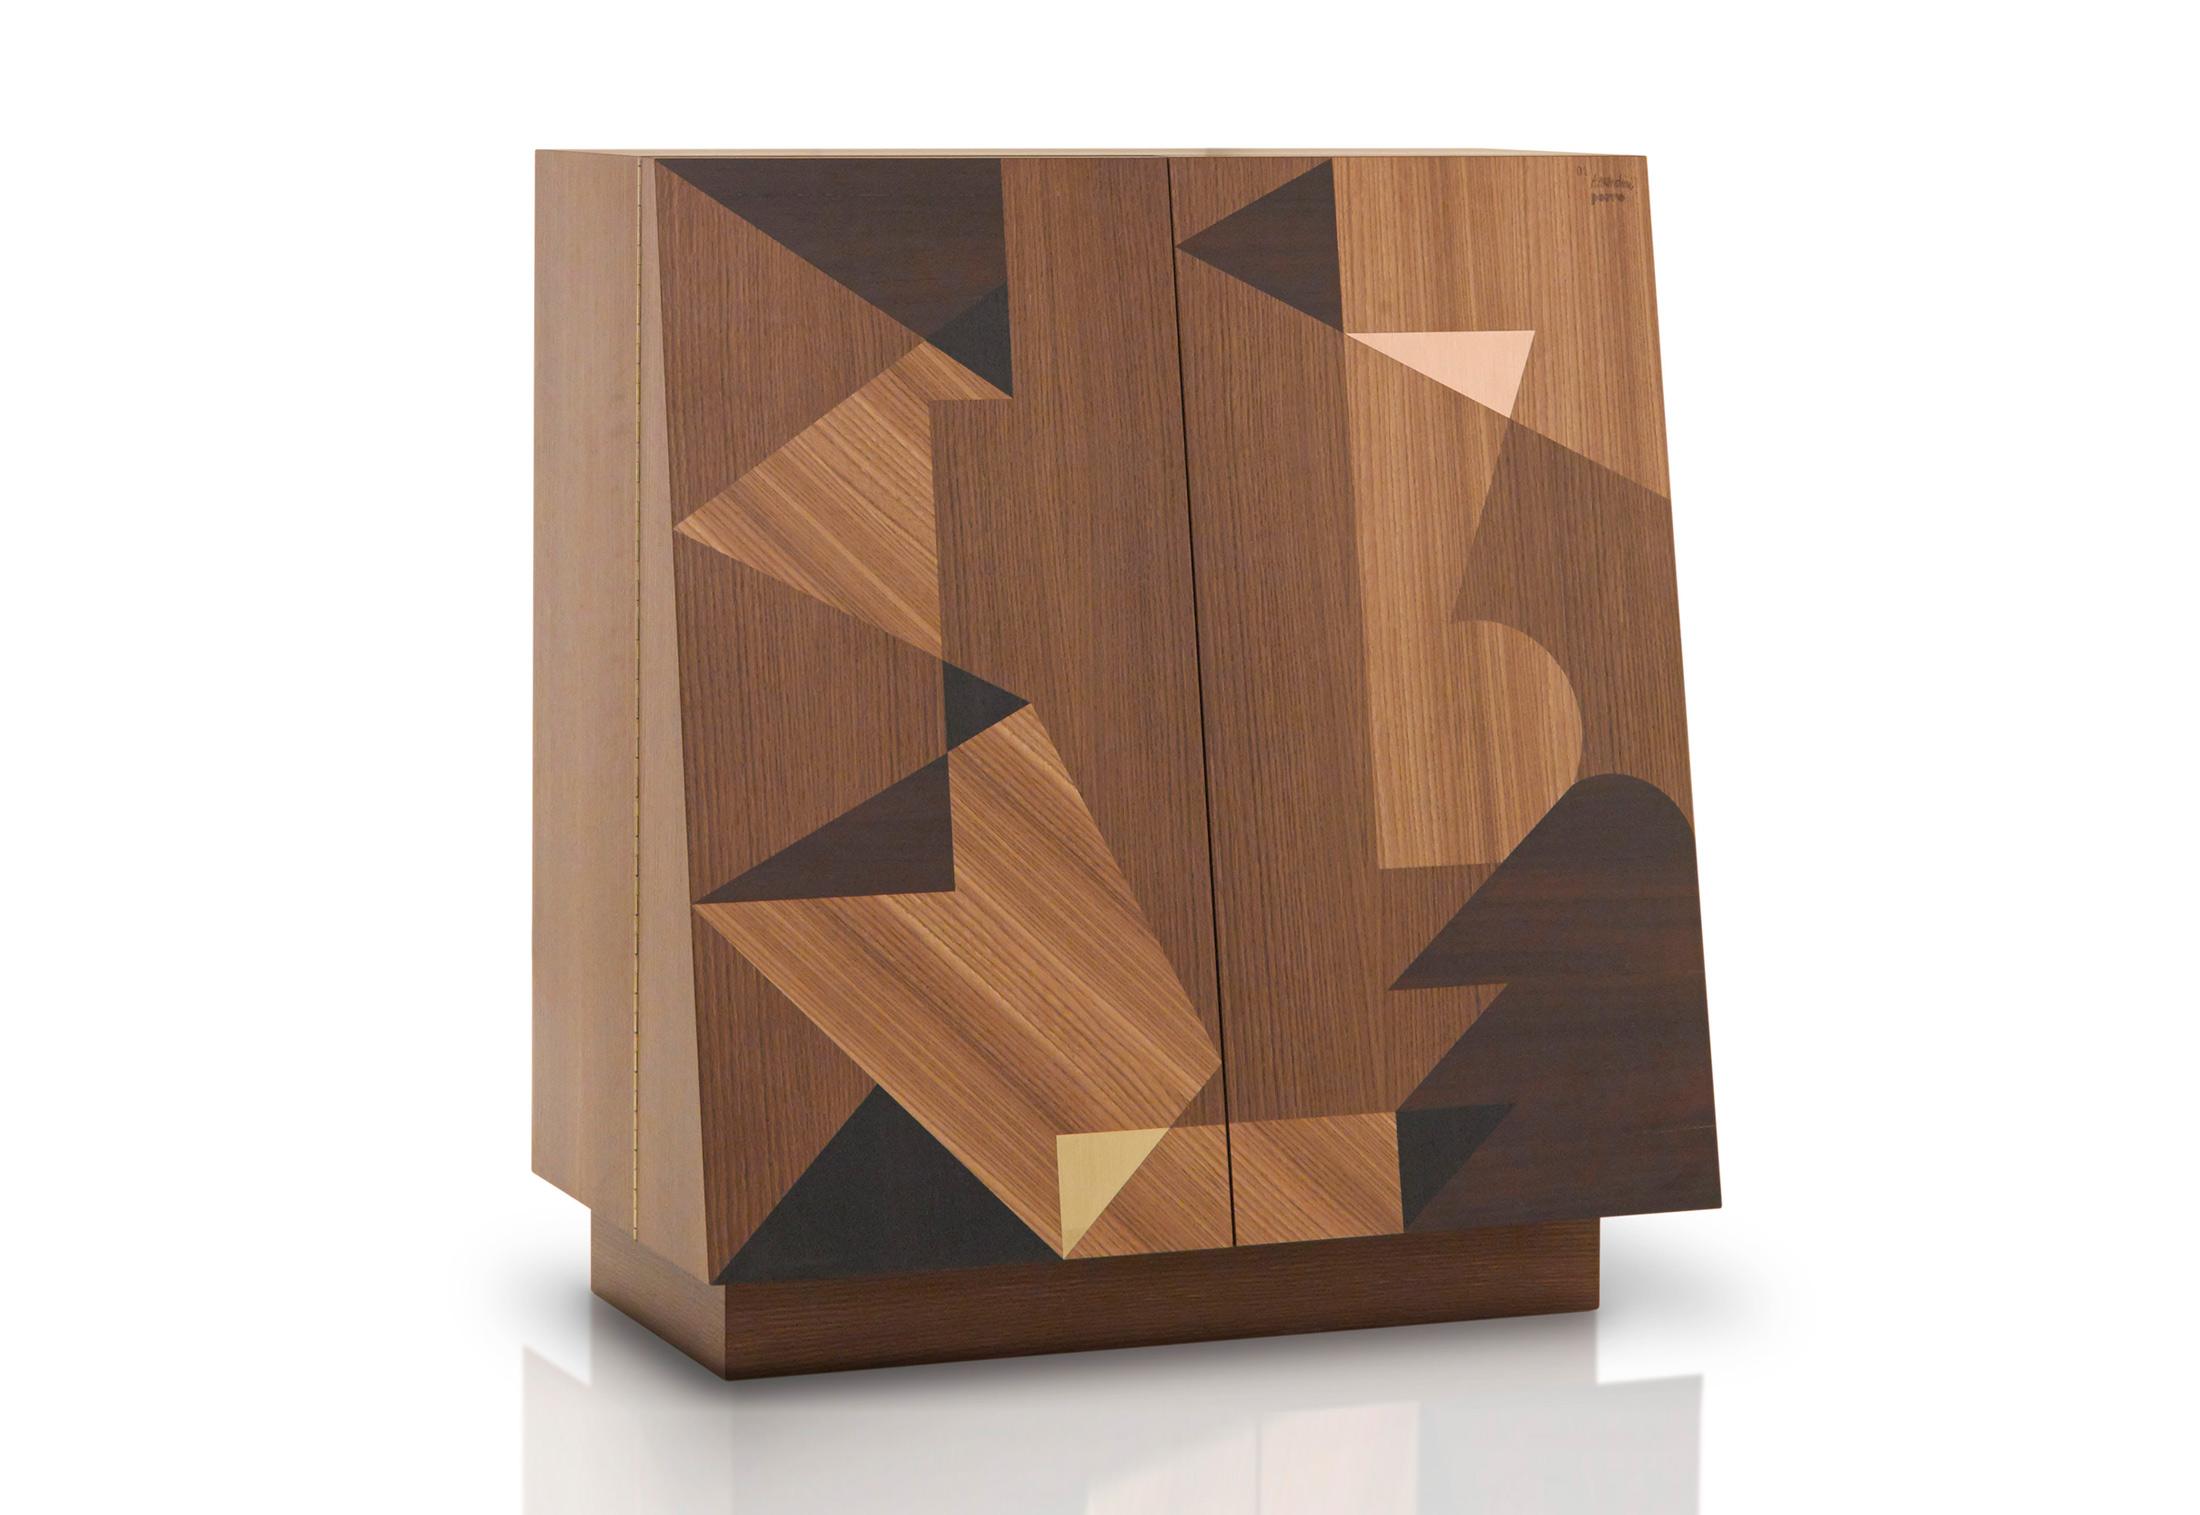 Schermo Cabinet by Porro